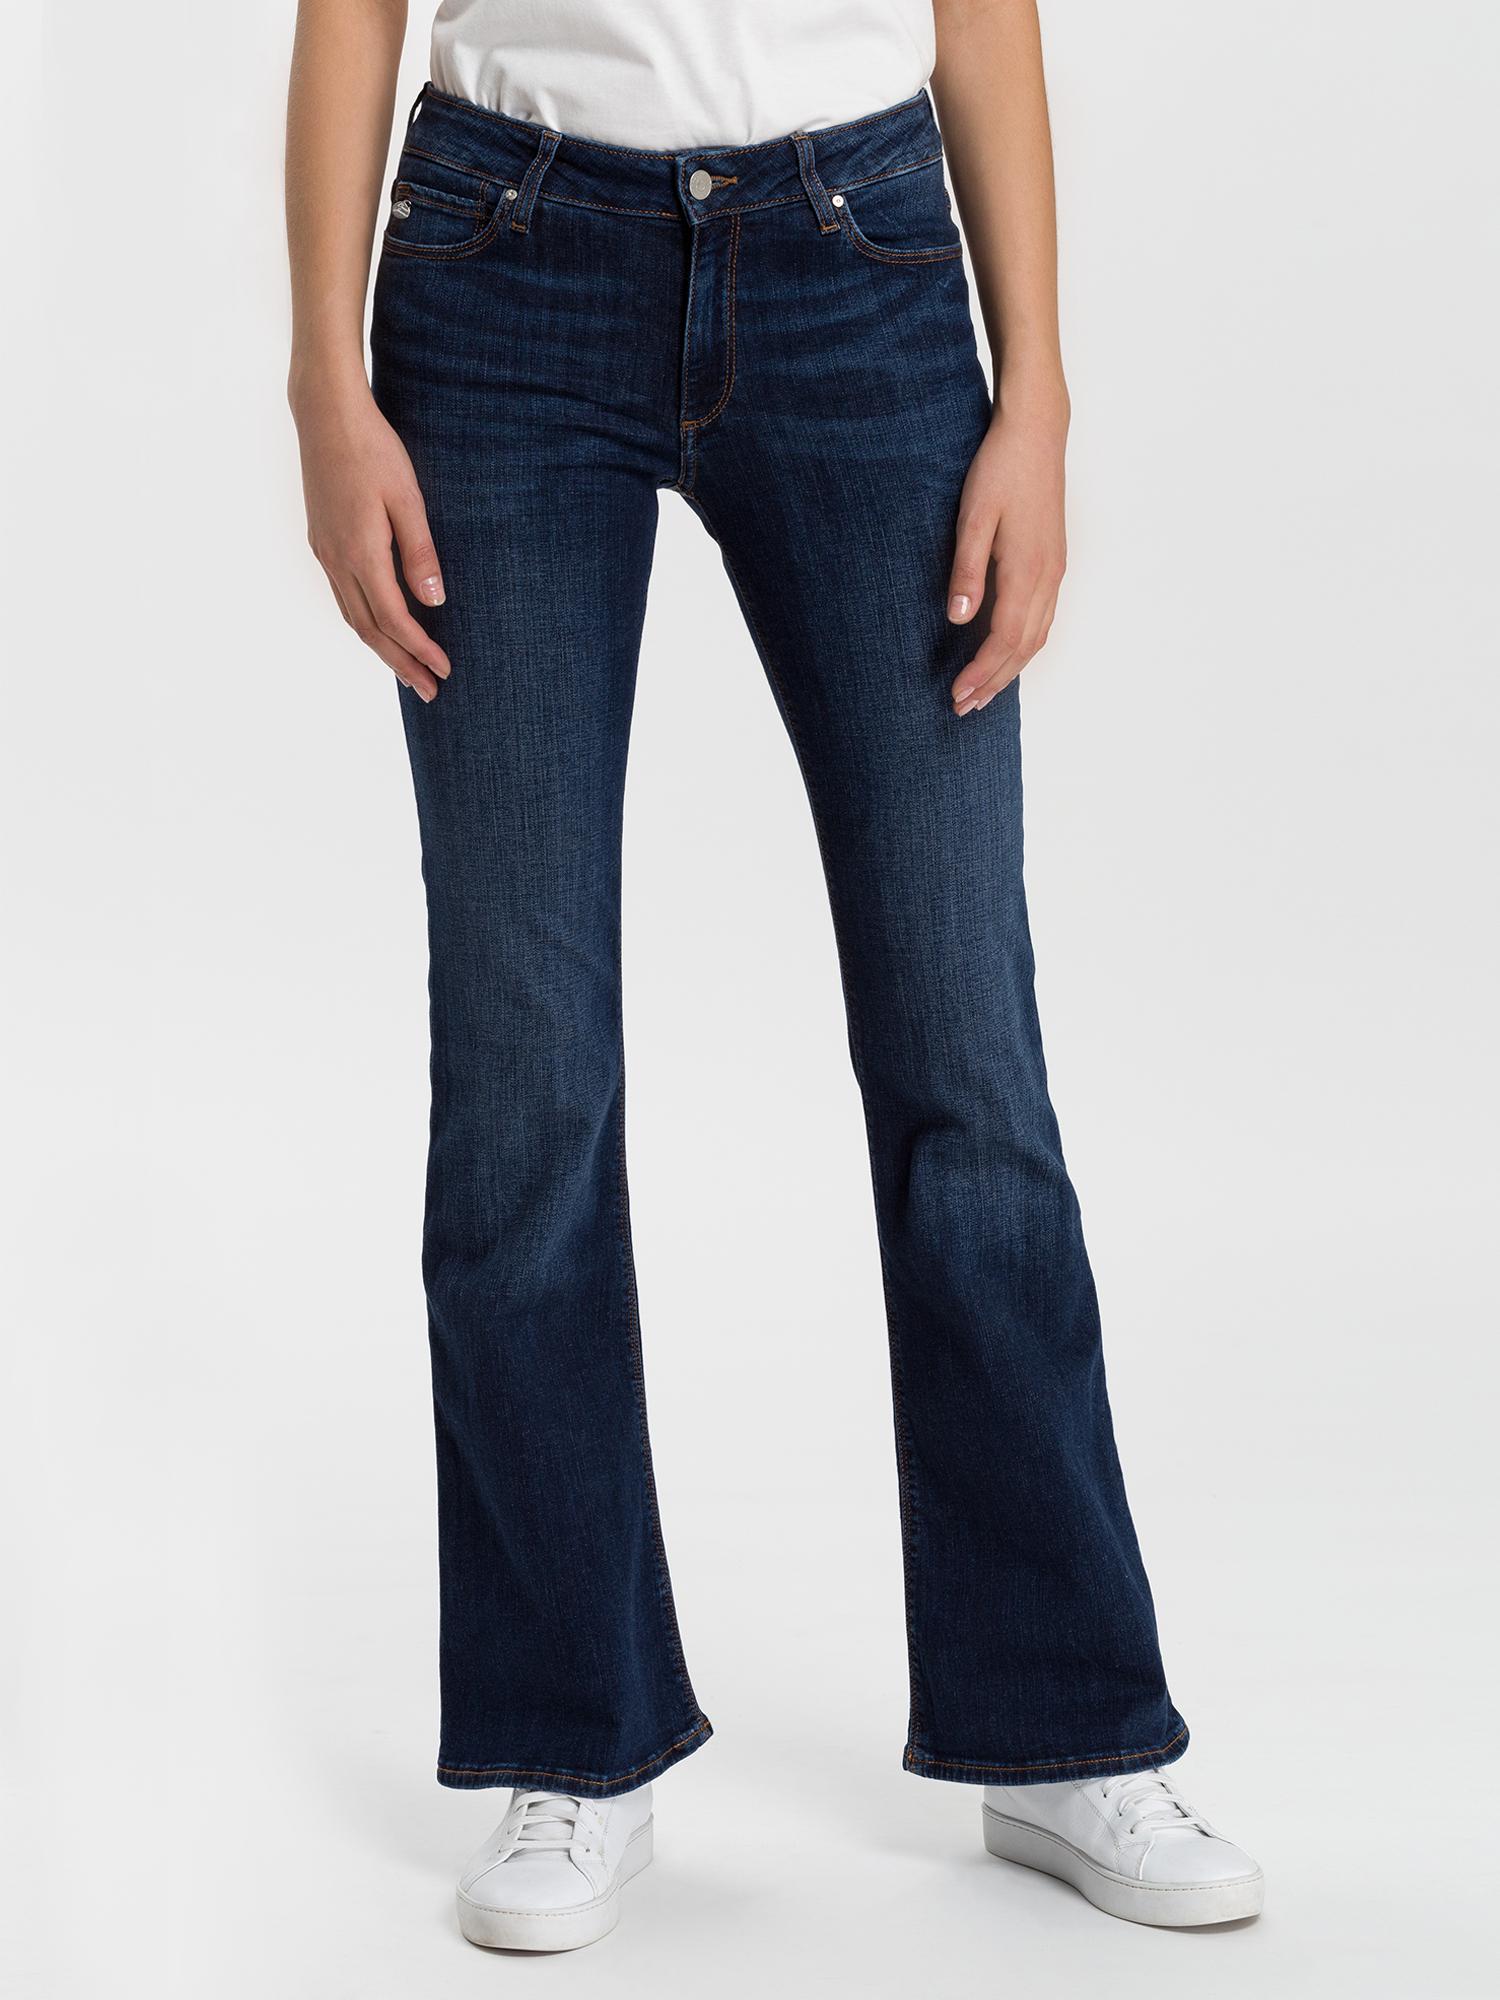 Flared Jeans für Damen   CROSS JEANS   Cross Jeans